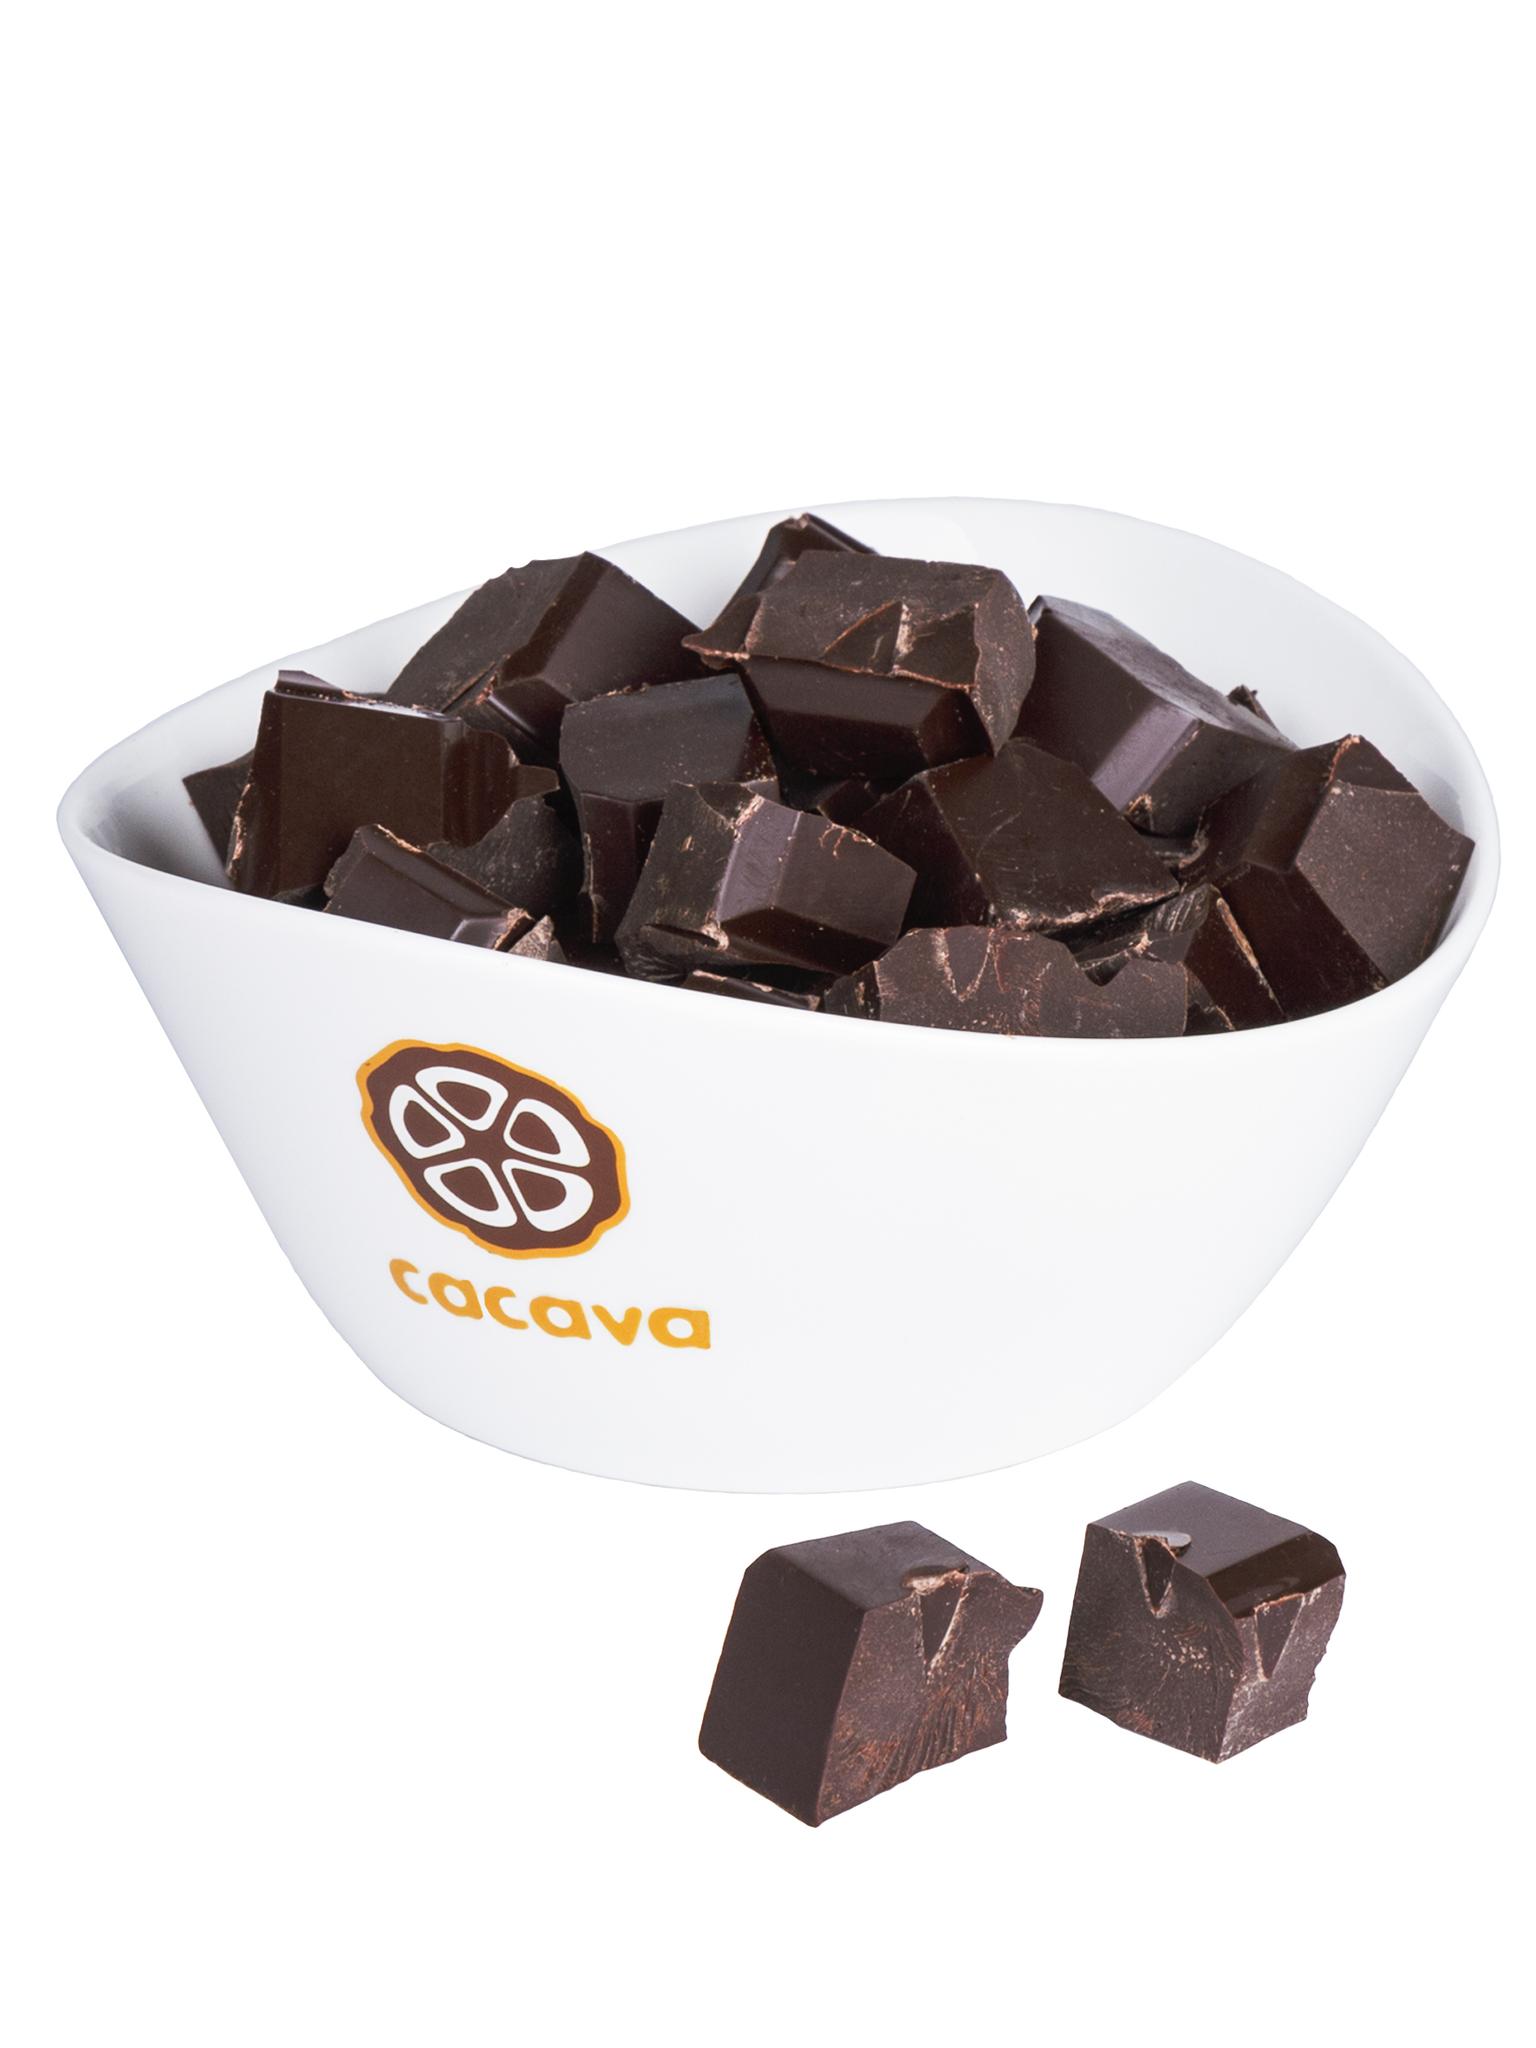 Тёмный шоколад 70 % какао (Панама), внешний вид